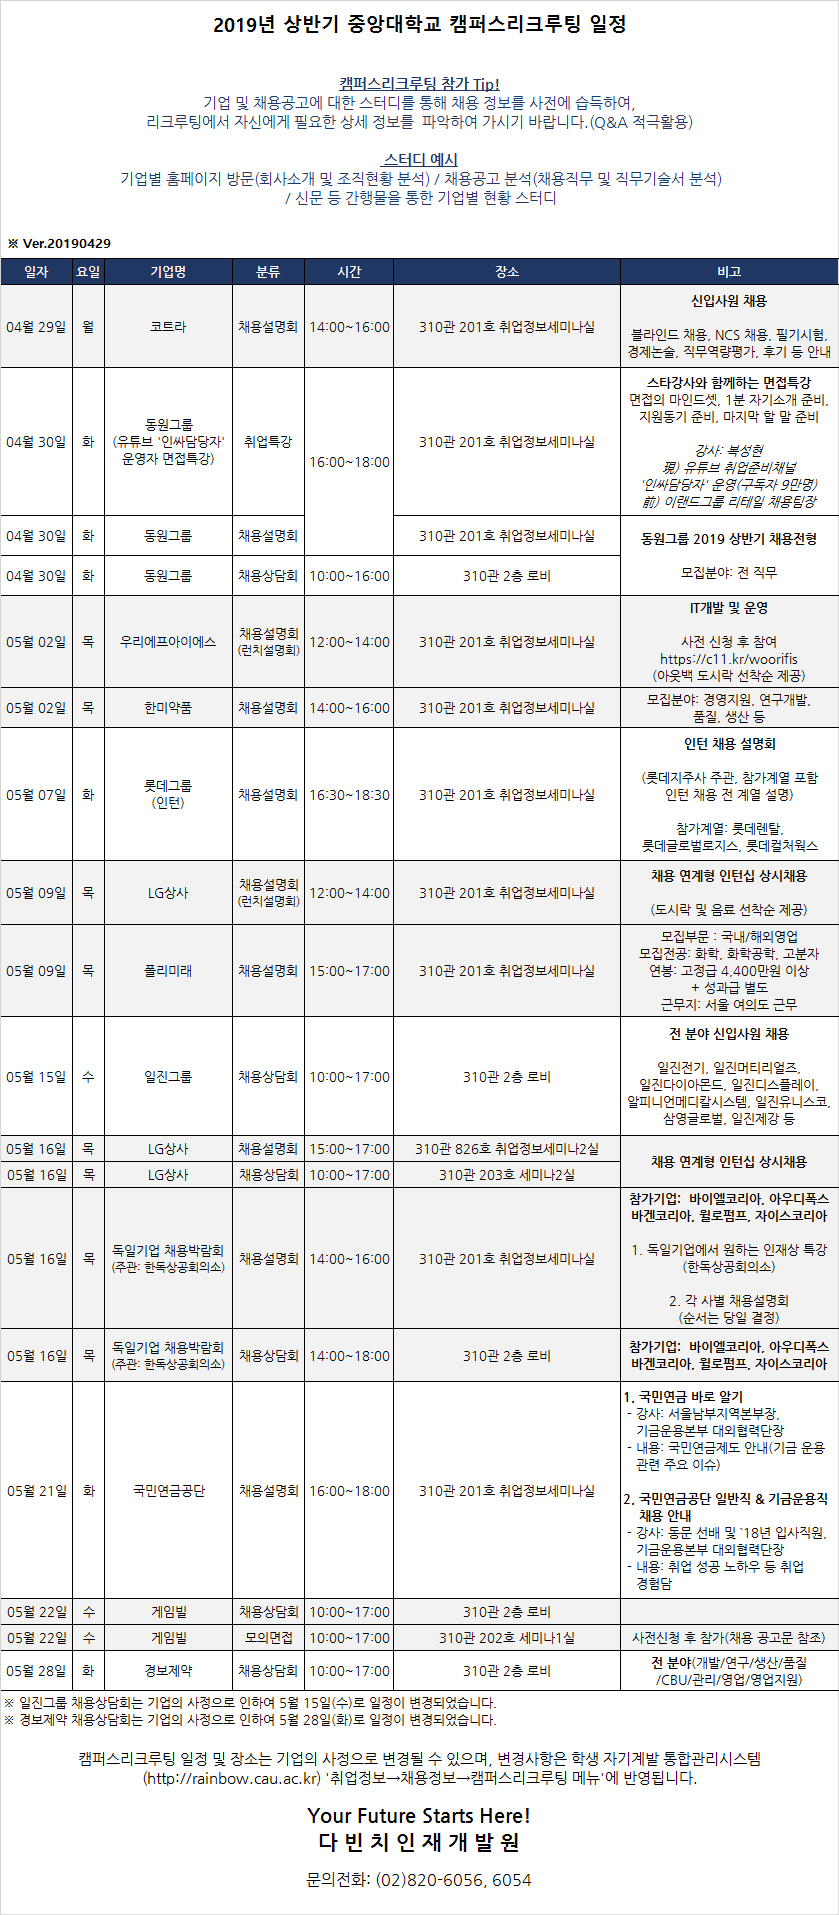 2019년 상반기 중앙대학교 캠퍼스리크루팅 일정표(Ver.20190429)_온라인게시용.png